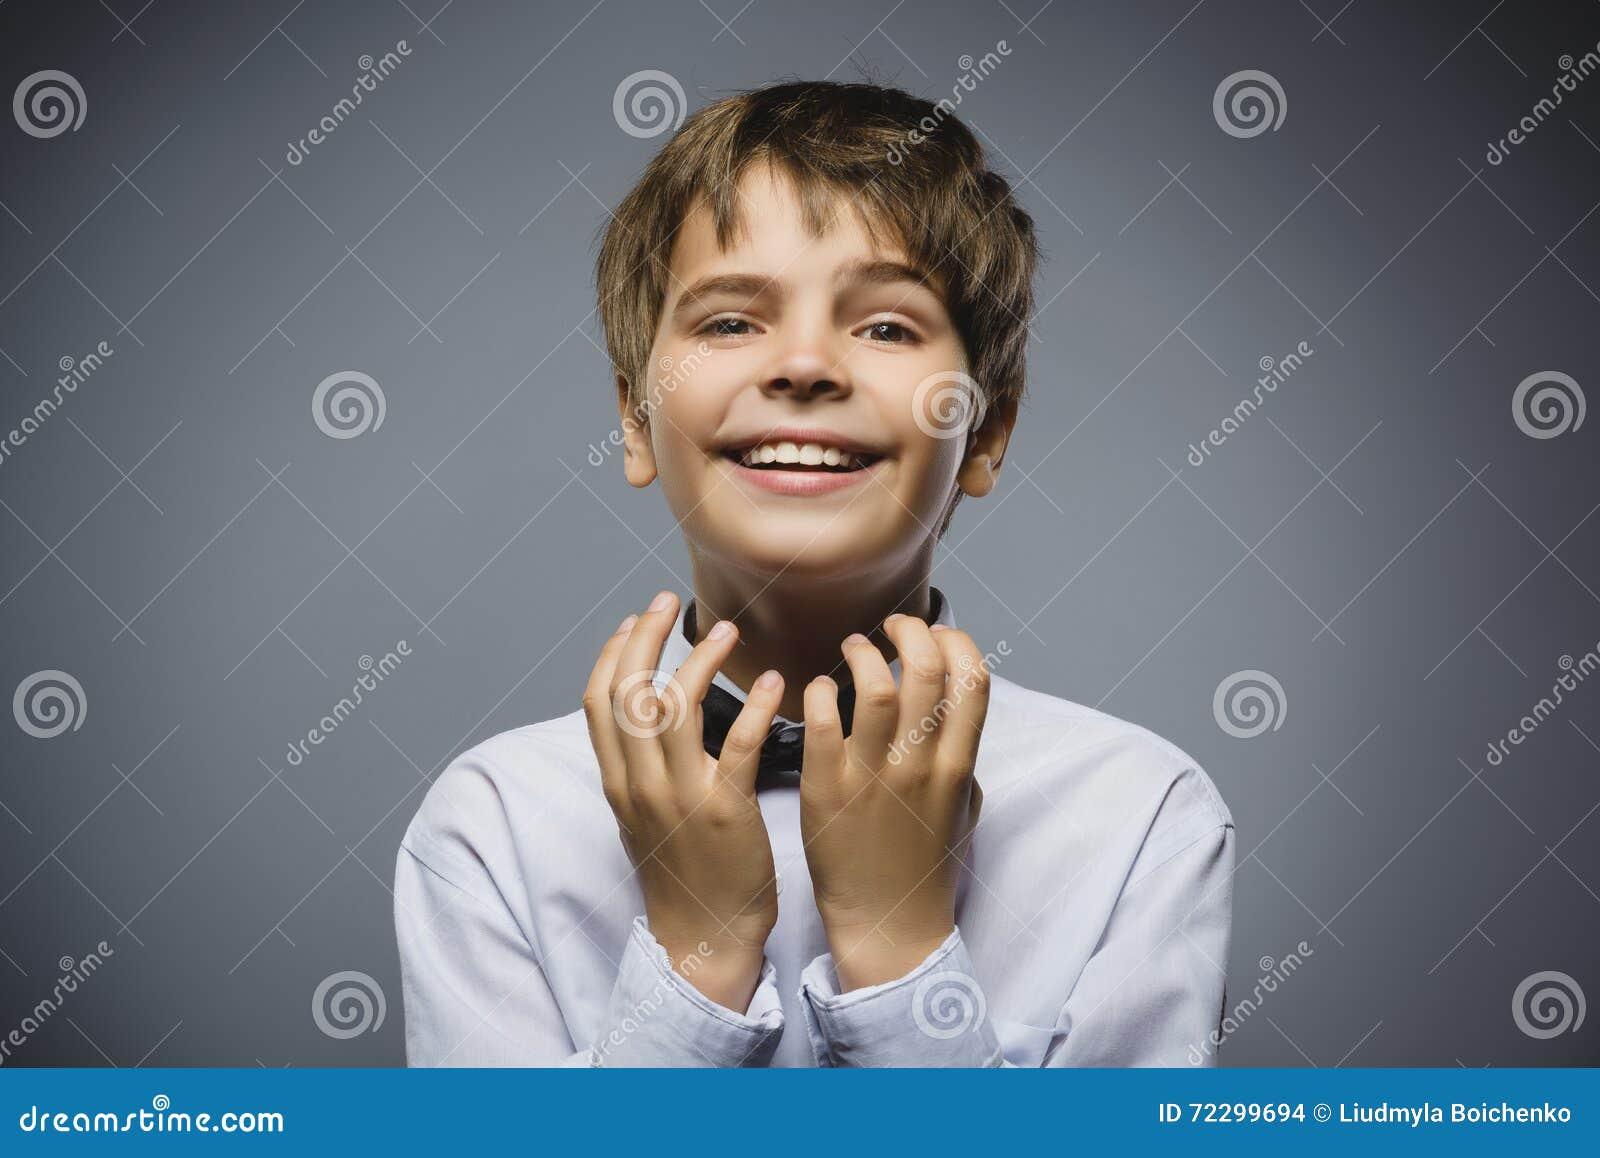 Download мальчик счастливый Портрет крупного плана красивый предназначенный для подростков признавать или Beging на серой предпосылке Стоковое Фото - изображение насчитывающей умолите, персона: 72299694